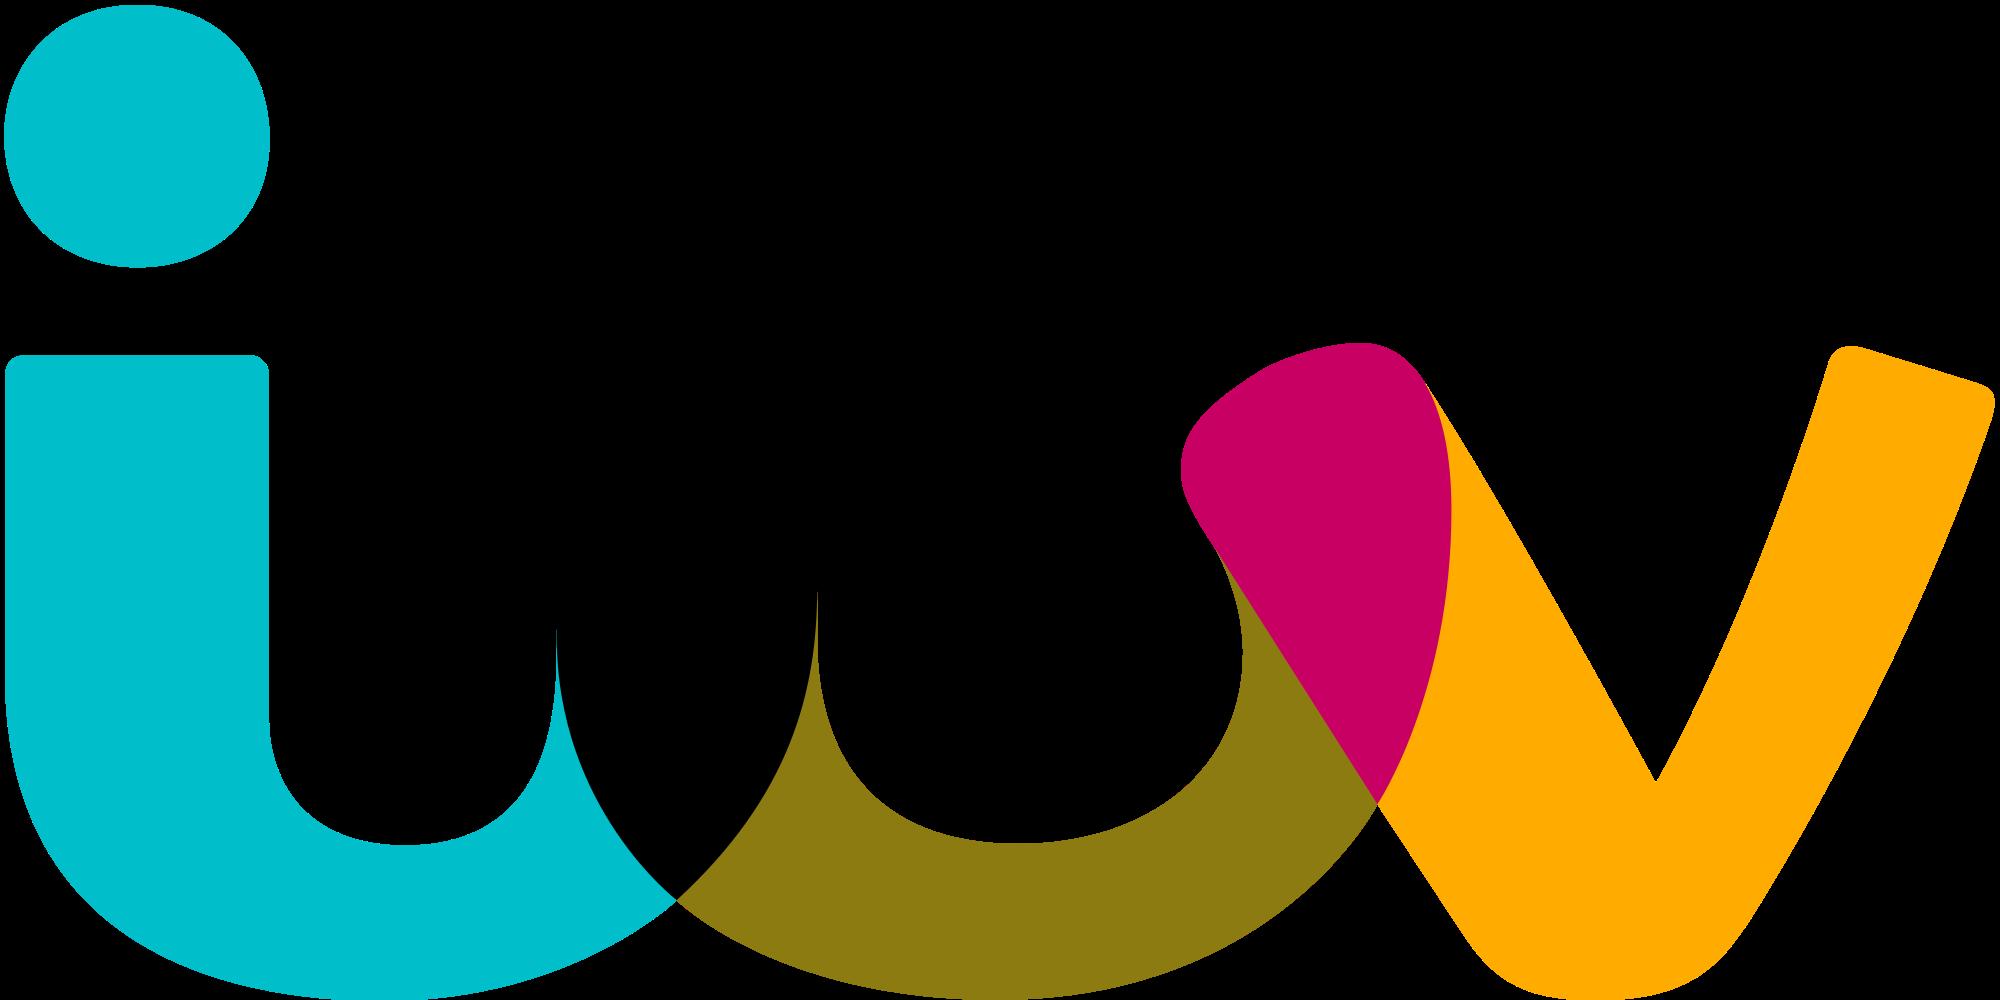 Risultati immagini per itv logo png